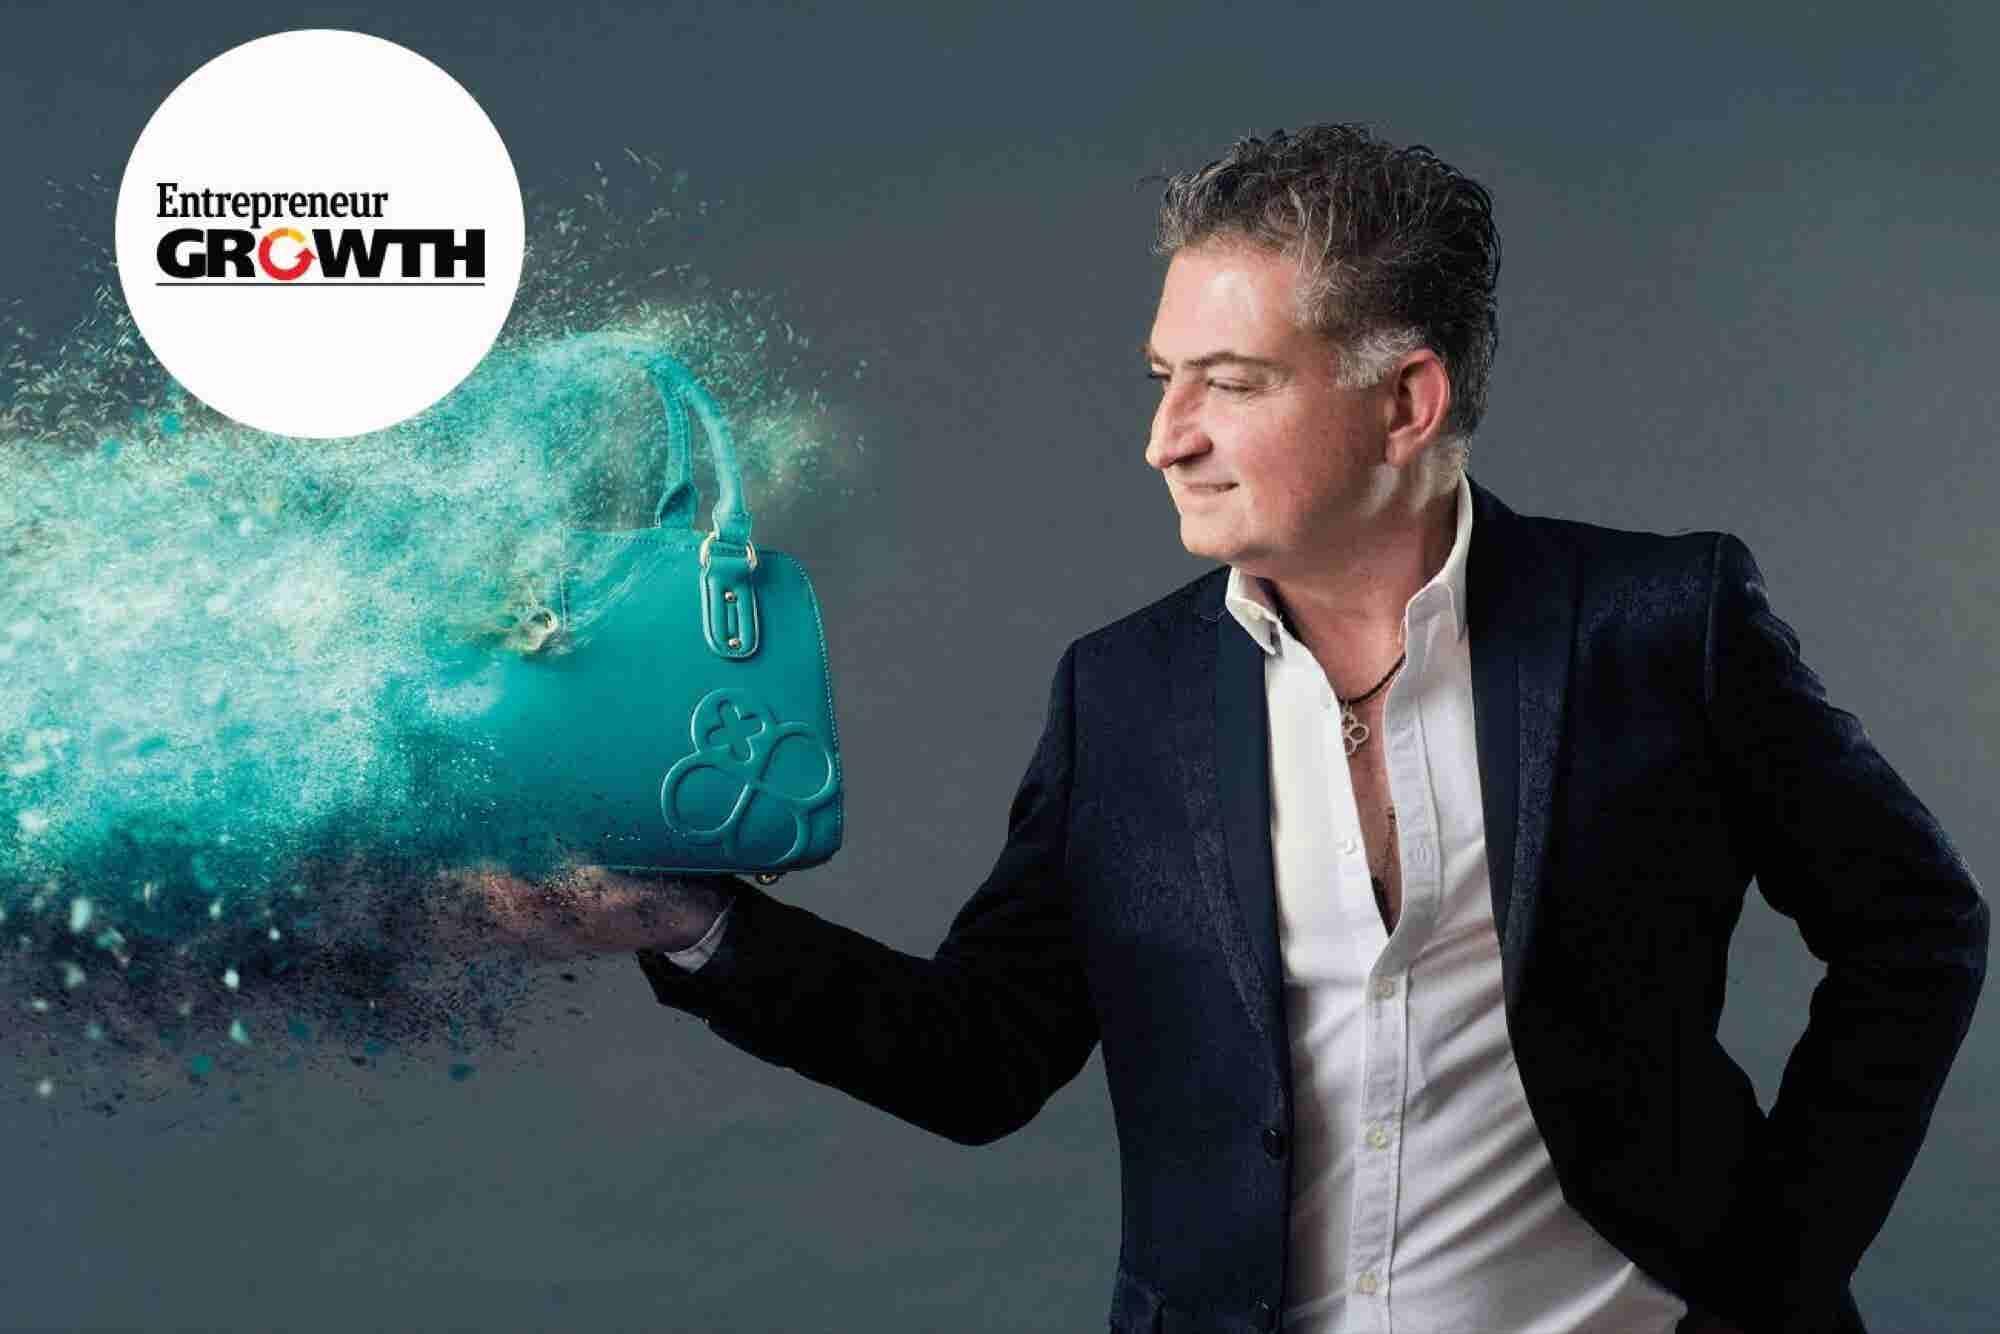 Jaime Ibiza o cómo enfrentar el reto intrapreneur